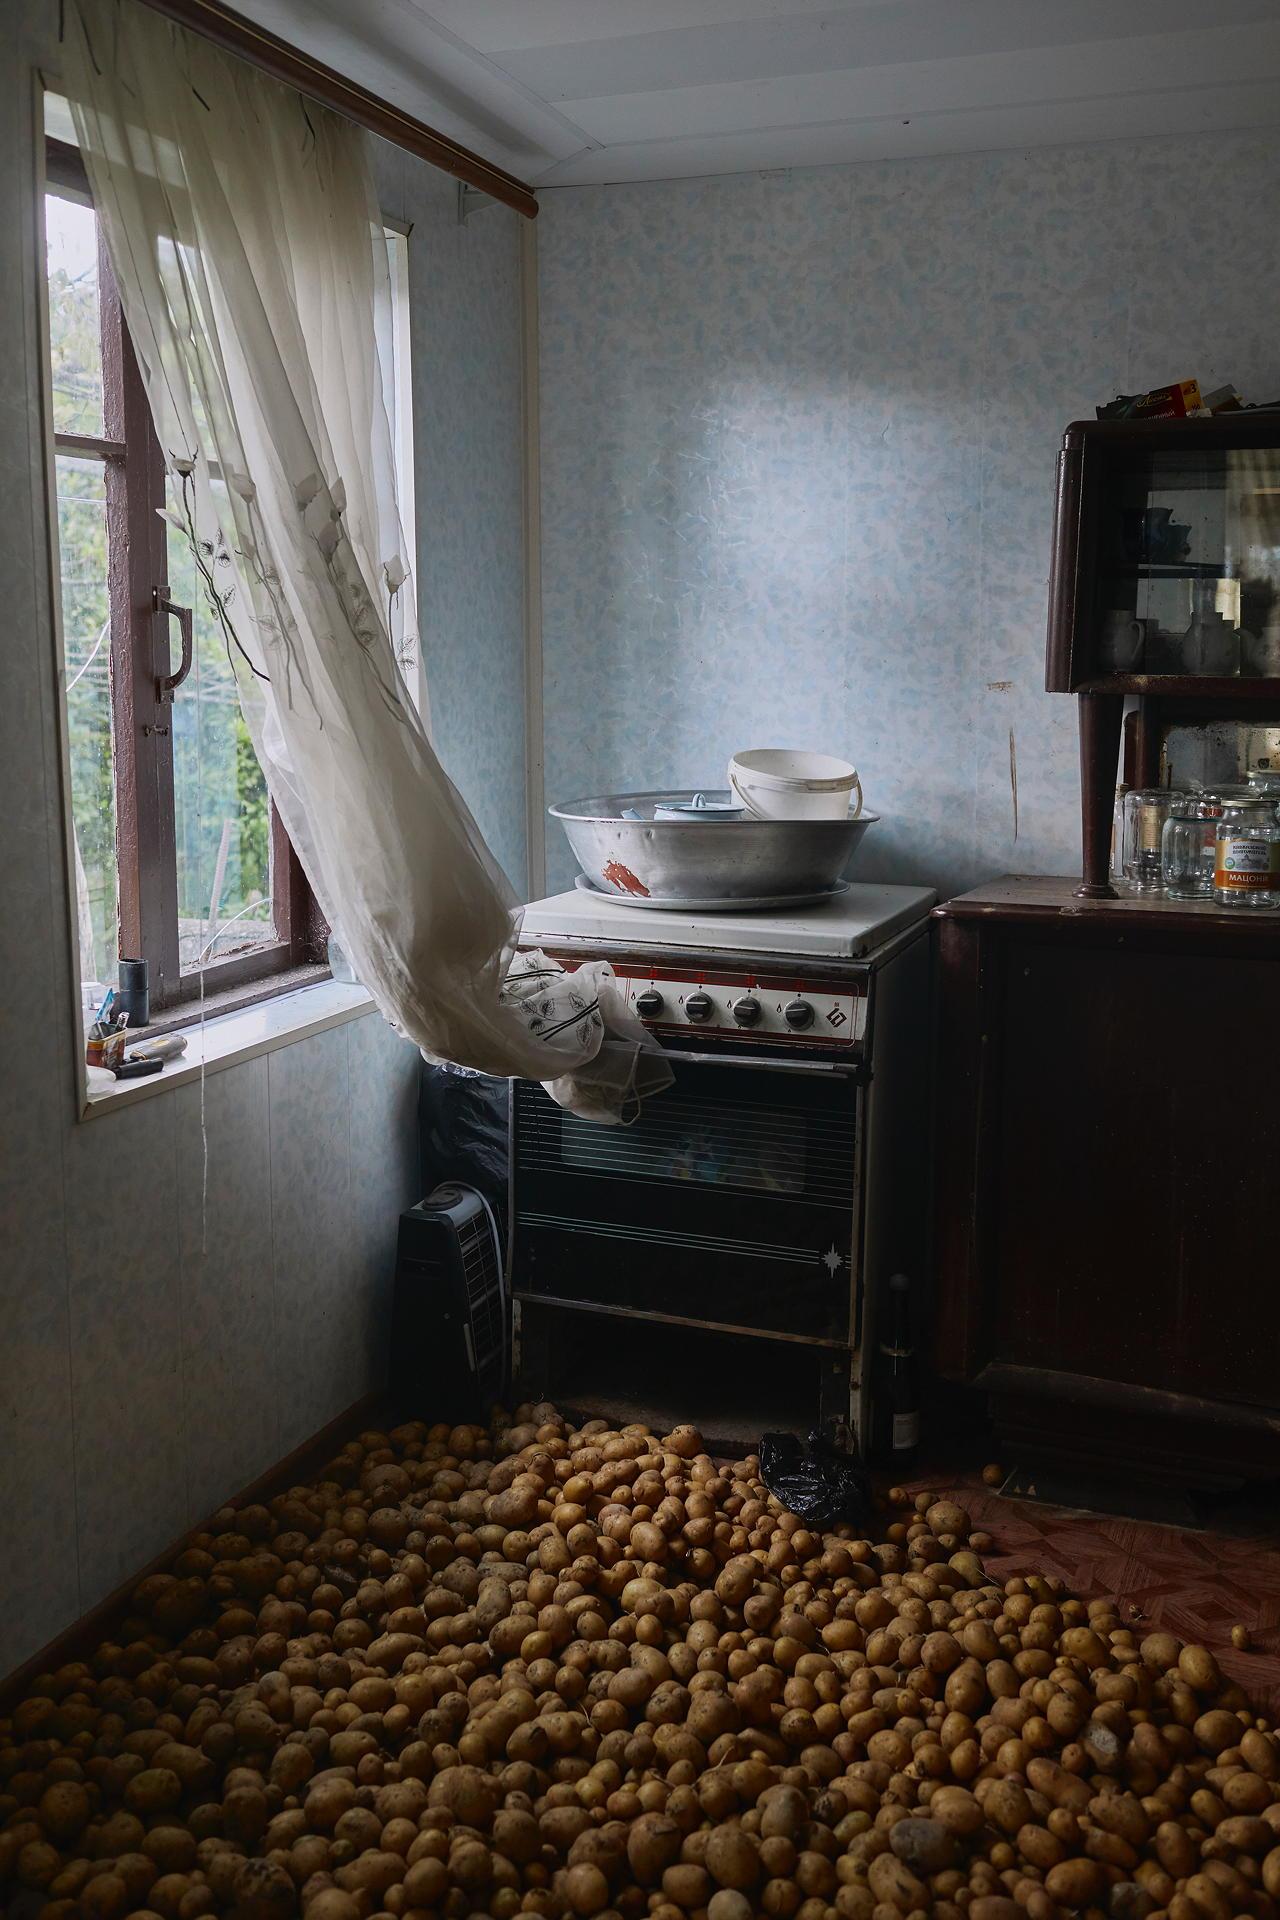 Ksenia Kuleshova - ABKHAZIA - Felix Schoeller Photoaward